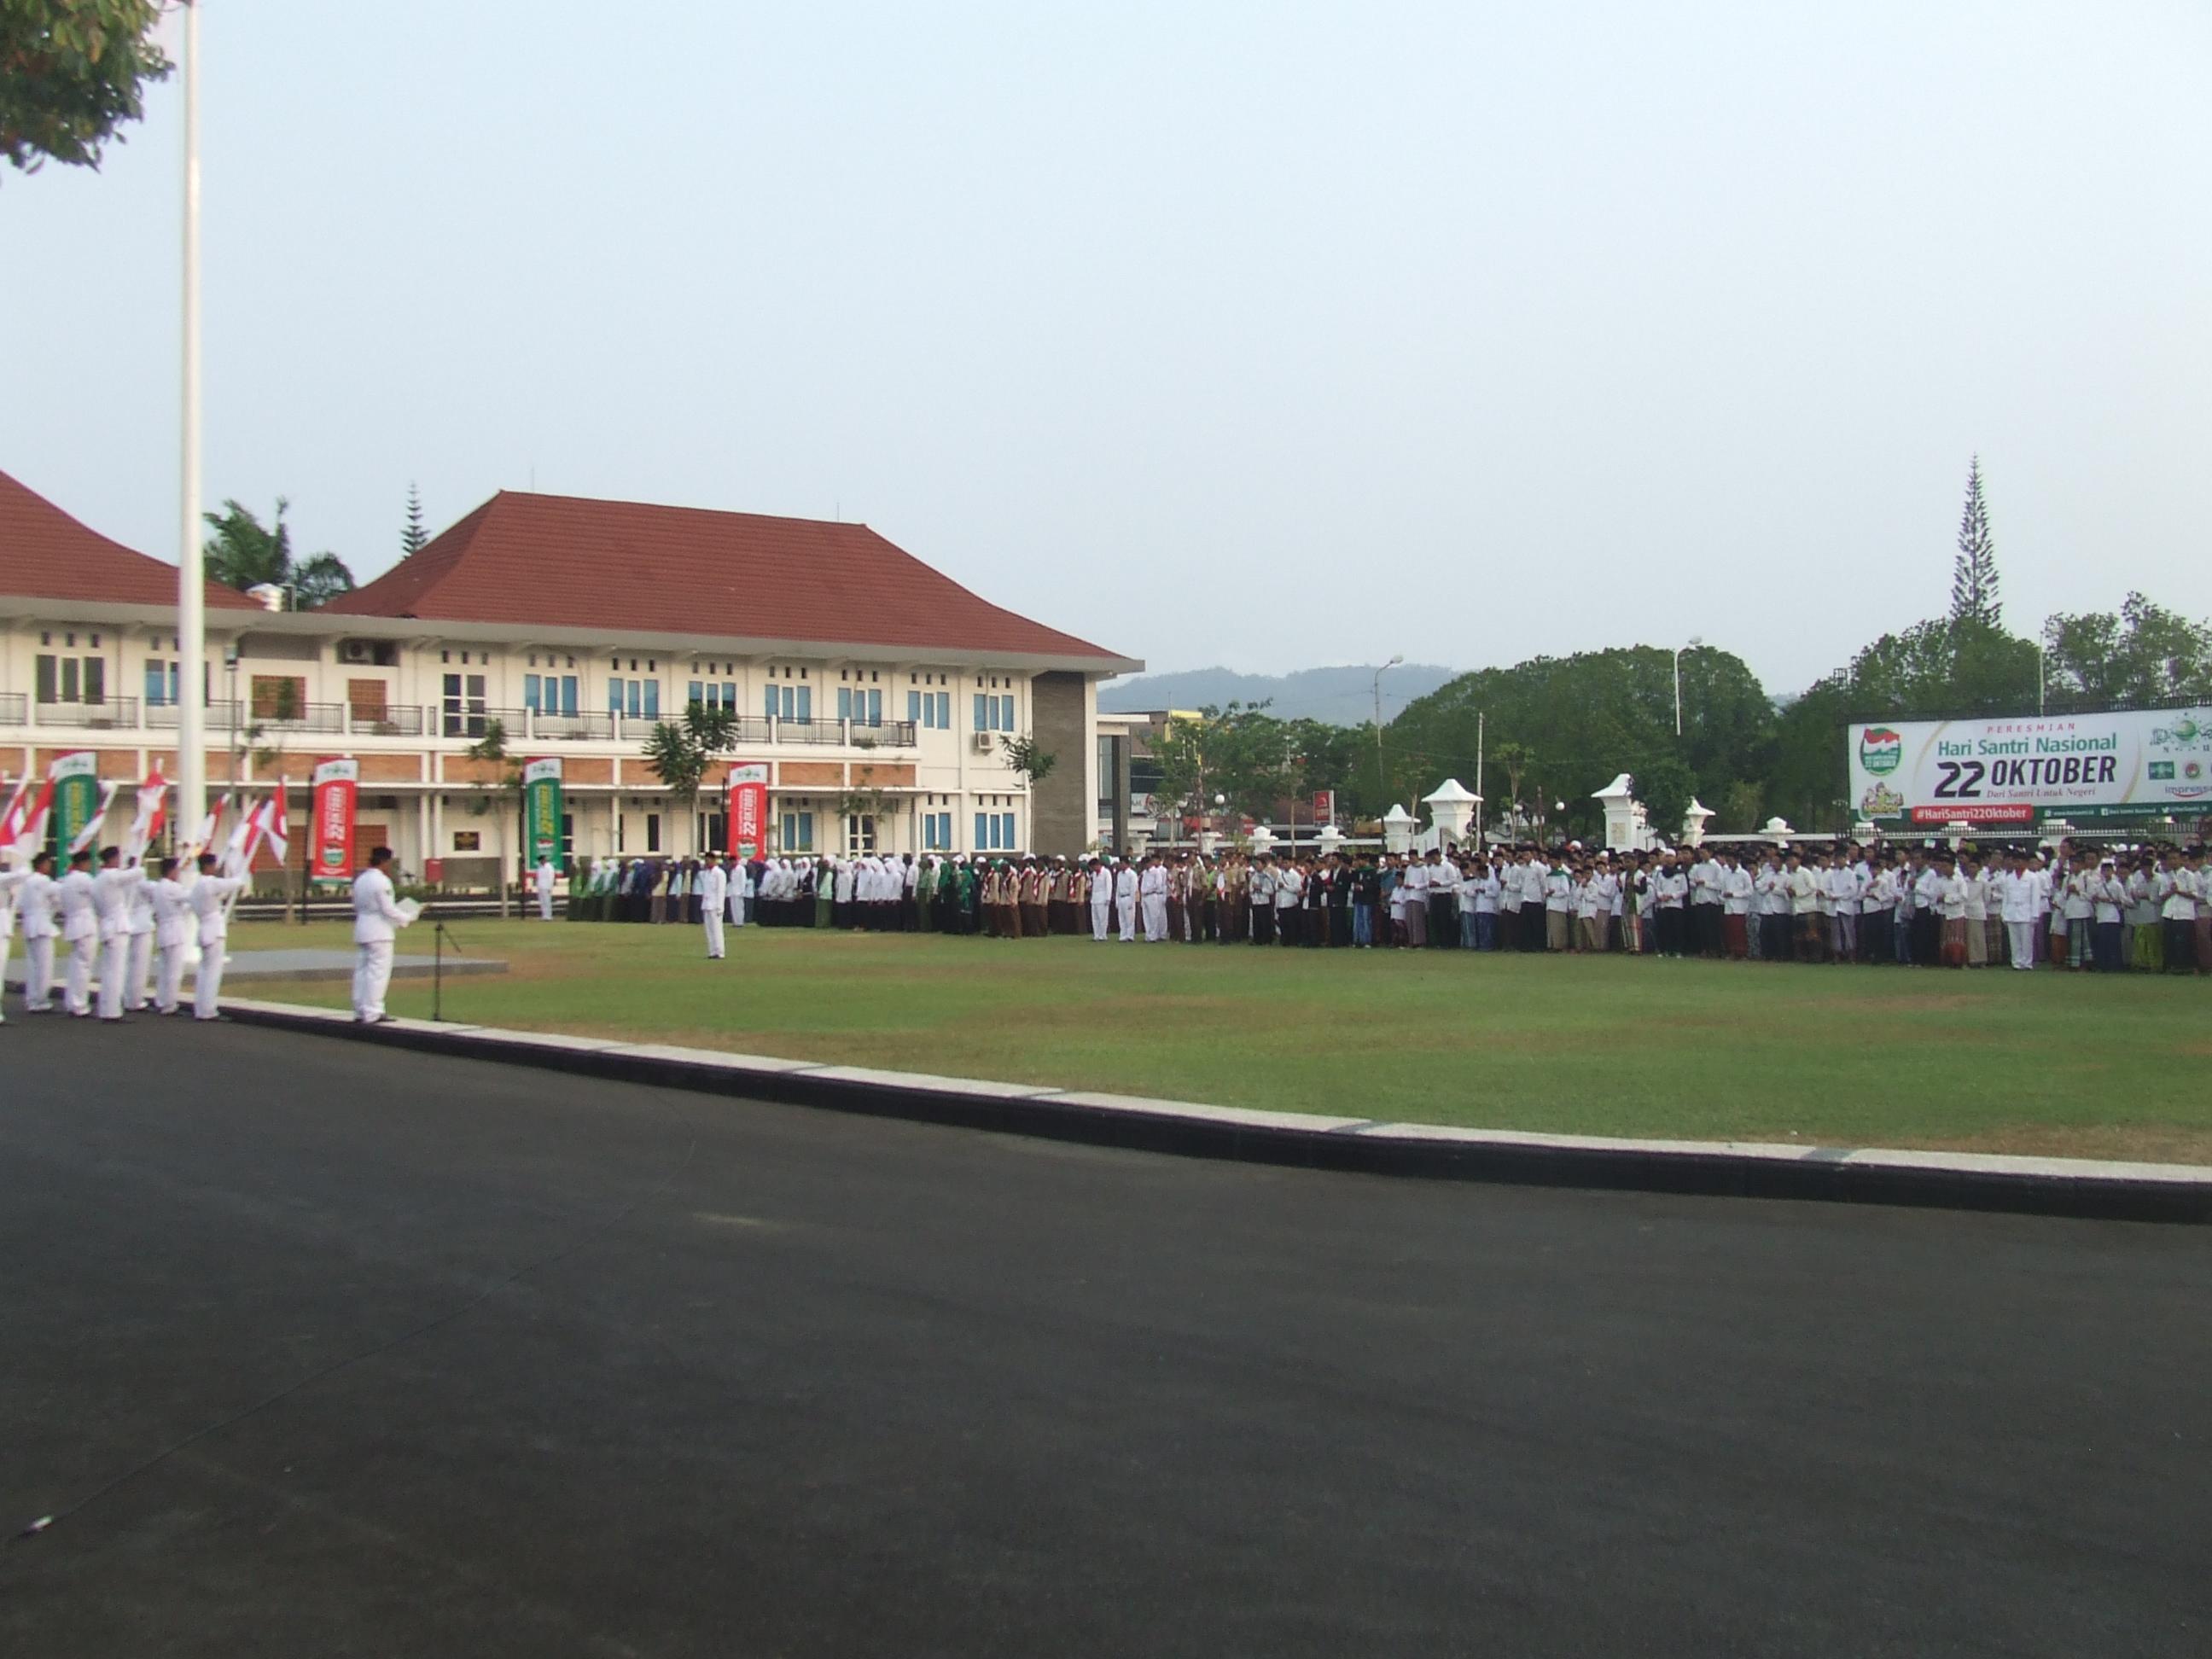 Perayaan Hari Santri Nasional Kabupaten Pacitan Mendapatkan Dscf2191 Dscf2192 Kegiatan